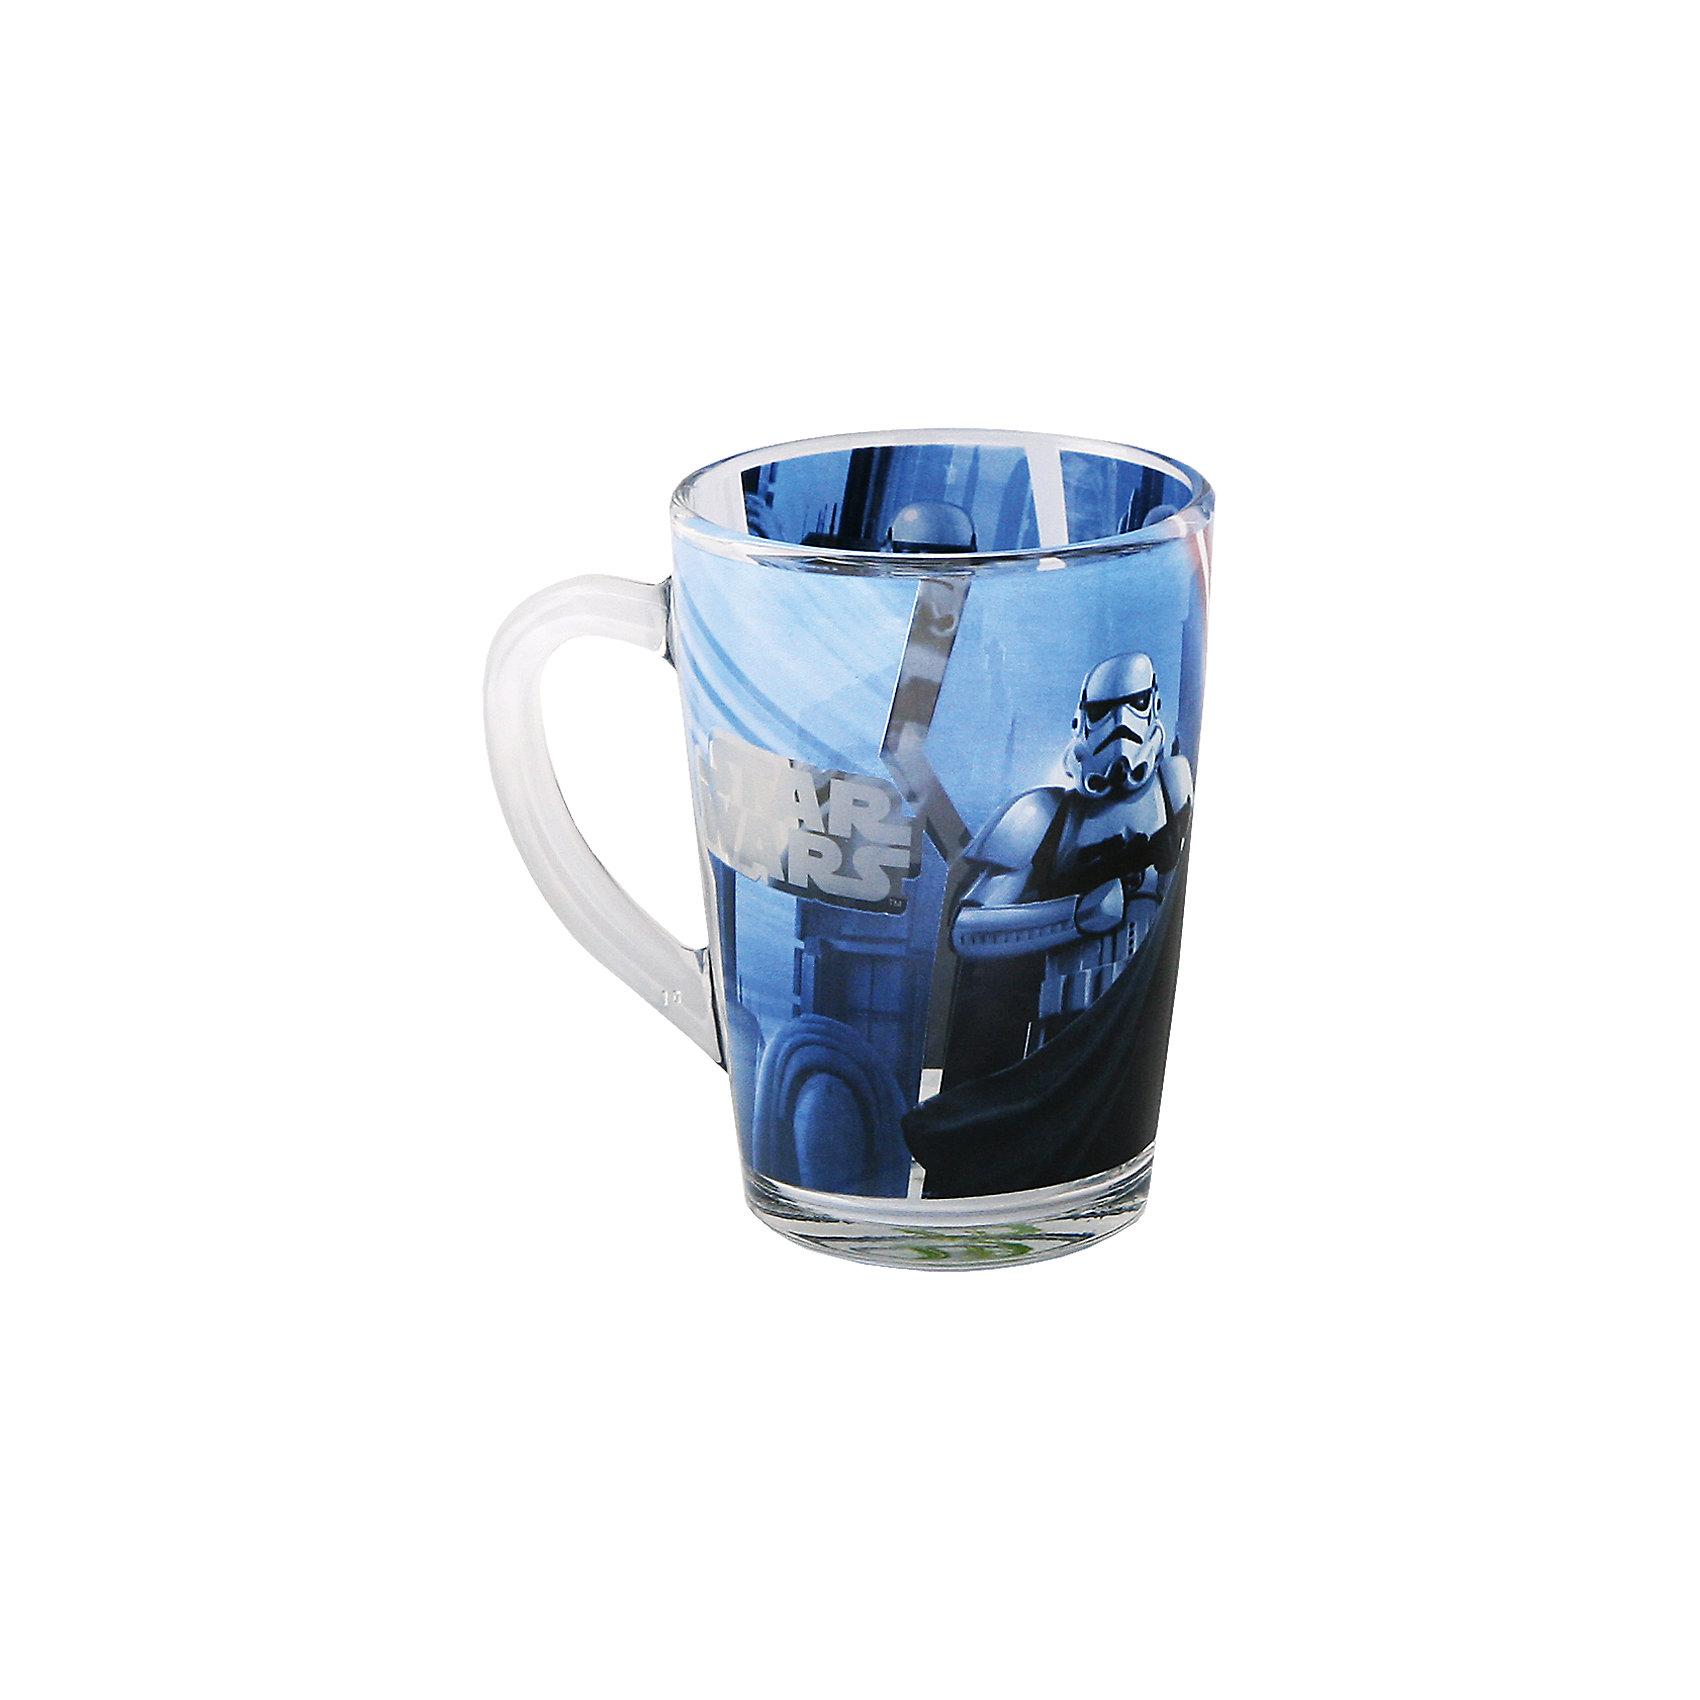 Стеклянная кружка Дарт Вейдер (синяя, 300 мл), Звездные войныСтеклянная кружка Дарт Вейдер (синяя, 300 мл), Звездные войны – оригинальная детская кружка станет приятным сюрпризом для Вашего ребенка.<br>Стеклянная коническая кружка Дарт Вейдер, оформленная ярким рисунком с изображением Тёмного Лорда и имперского штурмовика, идеально подойдет для повседневного использования. Оригинальный дизайн, удобная ручка, высококачественный материал – это основные характерные особенности данного изделия. Товар сертифицирован.<br><br>Дополнительная информация:<br><br>- Объем: 300 мл.<br>- Материал: стекло<br>- Цвет рисунка: синий<br>- Размер: 11 х 8 х 11 см.<br>- Вес: 305 гр.<br><br>Стеклянную кружку Дарт Вейдер (синяя, 300 мл), Звездные войны можно купить в нашем интернет-магазине.<br><br>Ширина мм: 110<br>Глубина мм: 80<br>Высота мм: 110<br>Вес г: 305<br>Возраст от месяцев: 36<br>Возраст до месяцев: 192<br>Пол: Унисекс<br>Возраст: Детский<br>SKU: 4536260